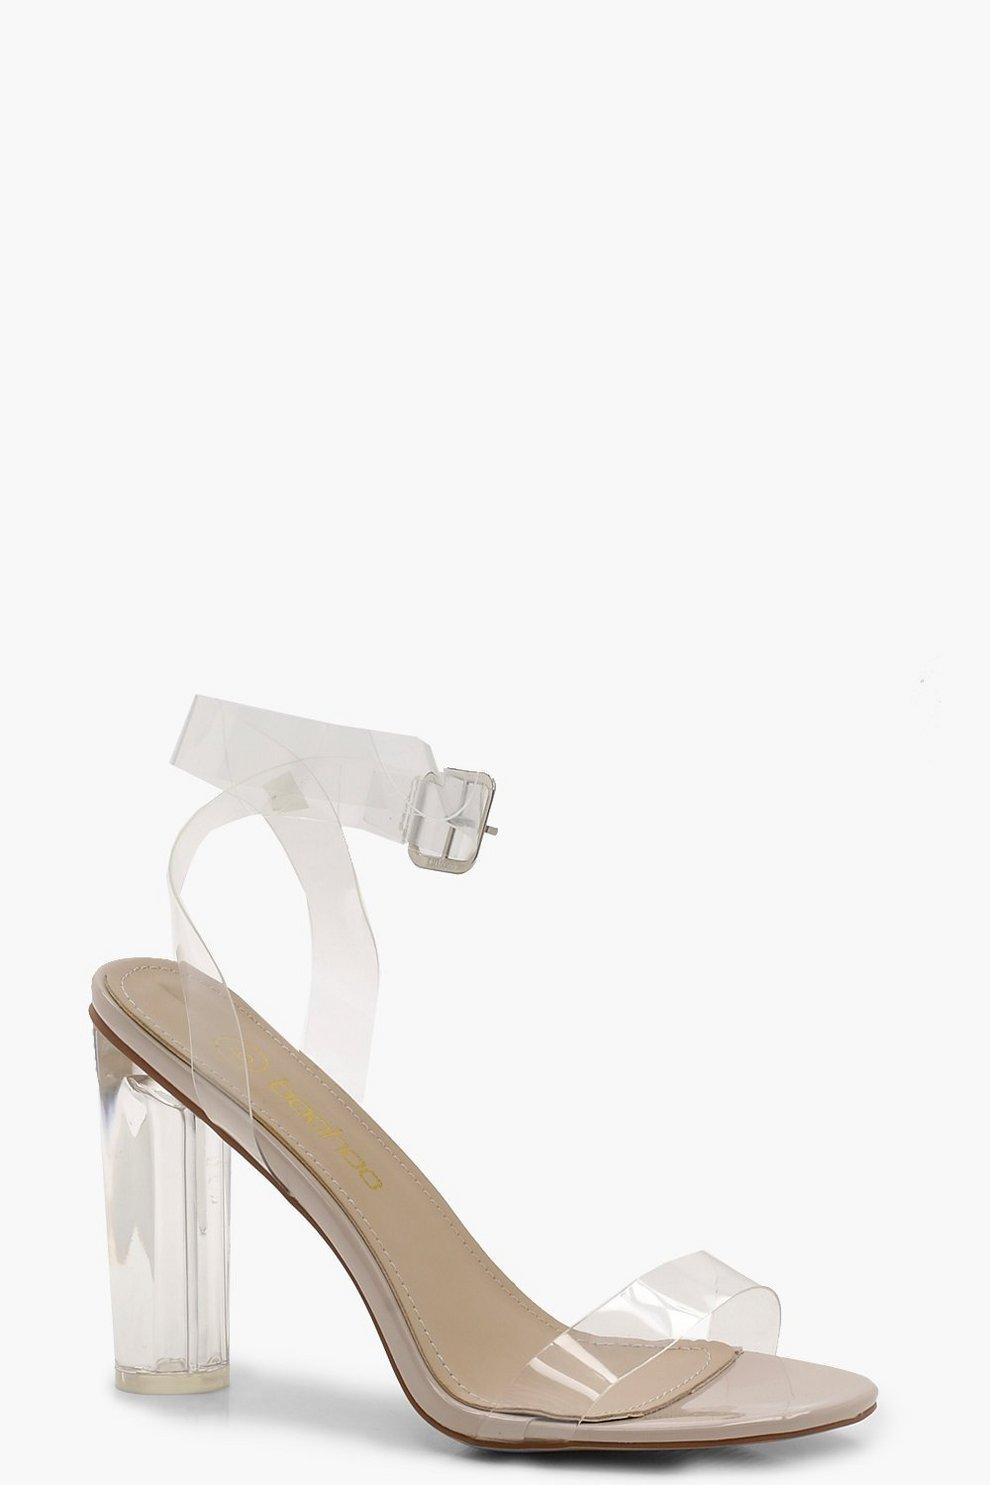 buscar estilo distintivo lindo baratas Tacones gruesos con tira y tacón transparente Mía